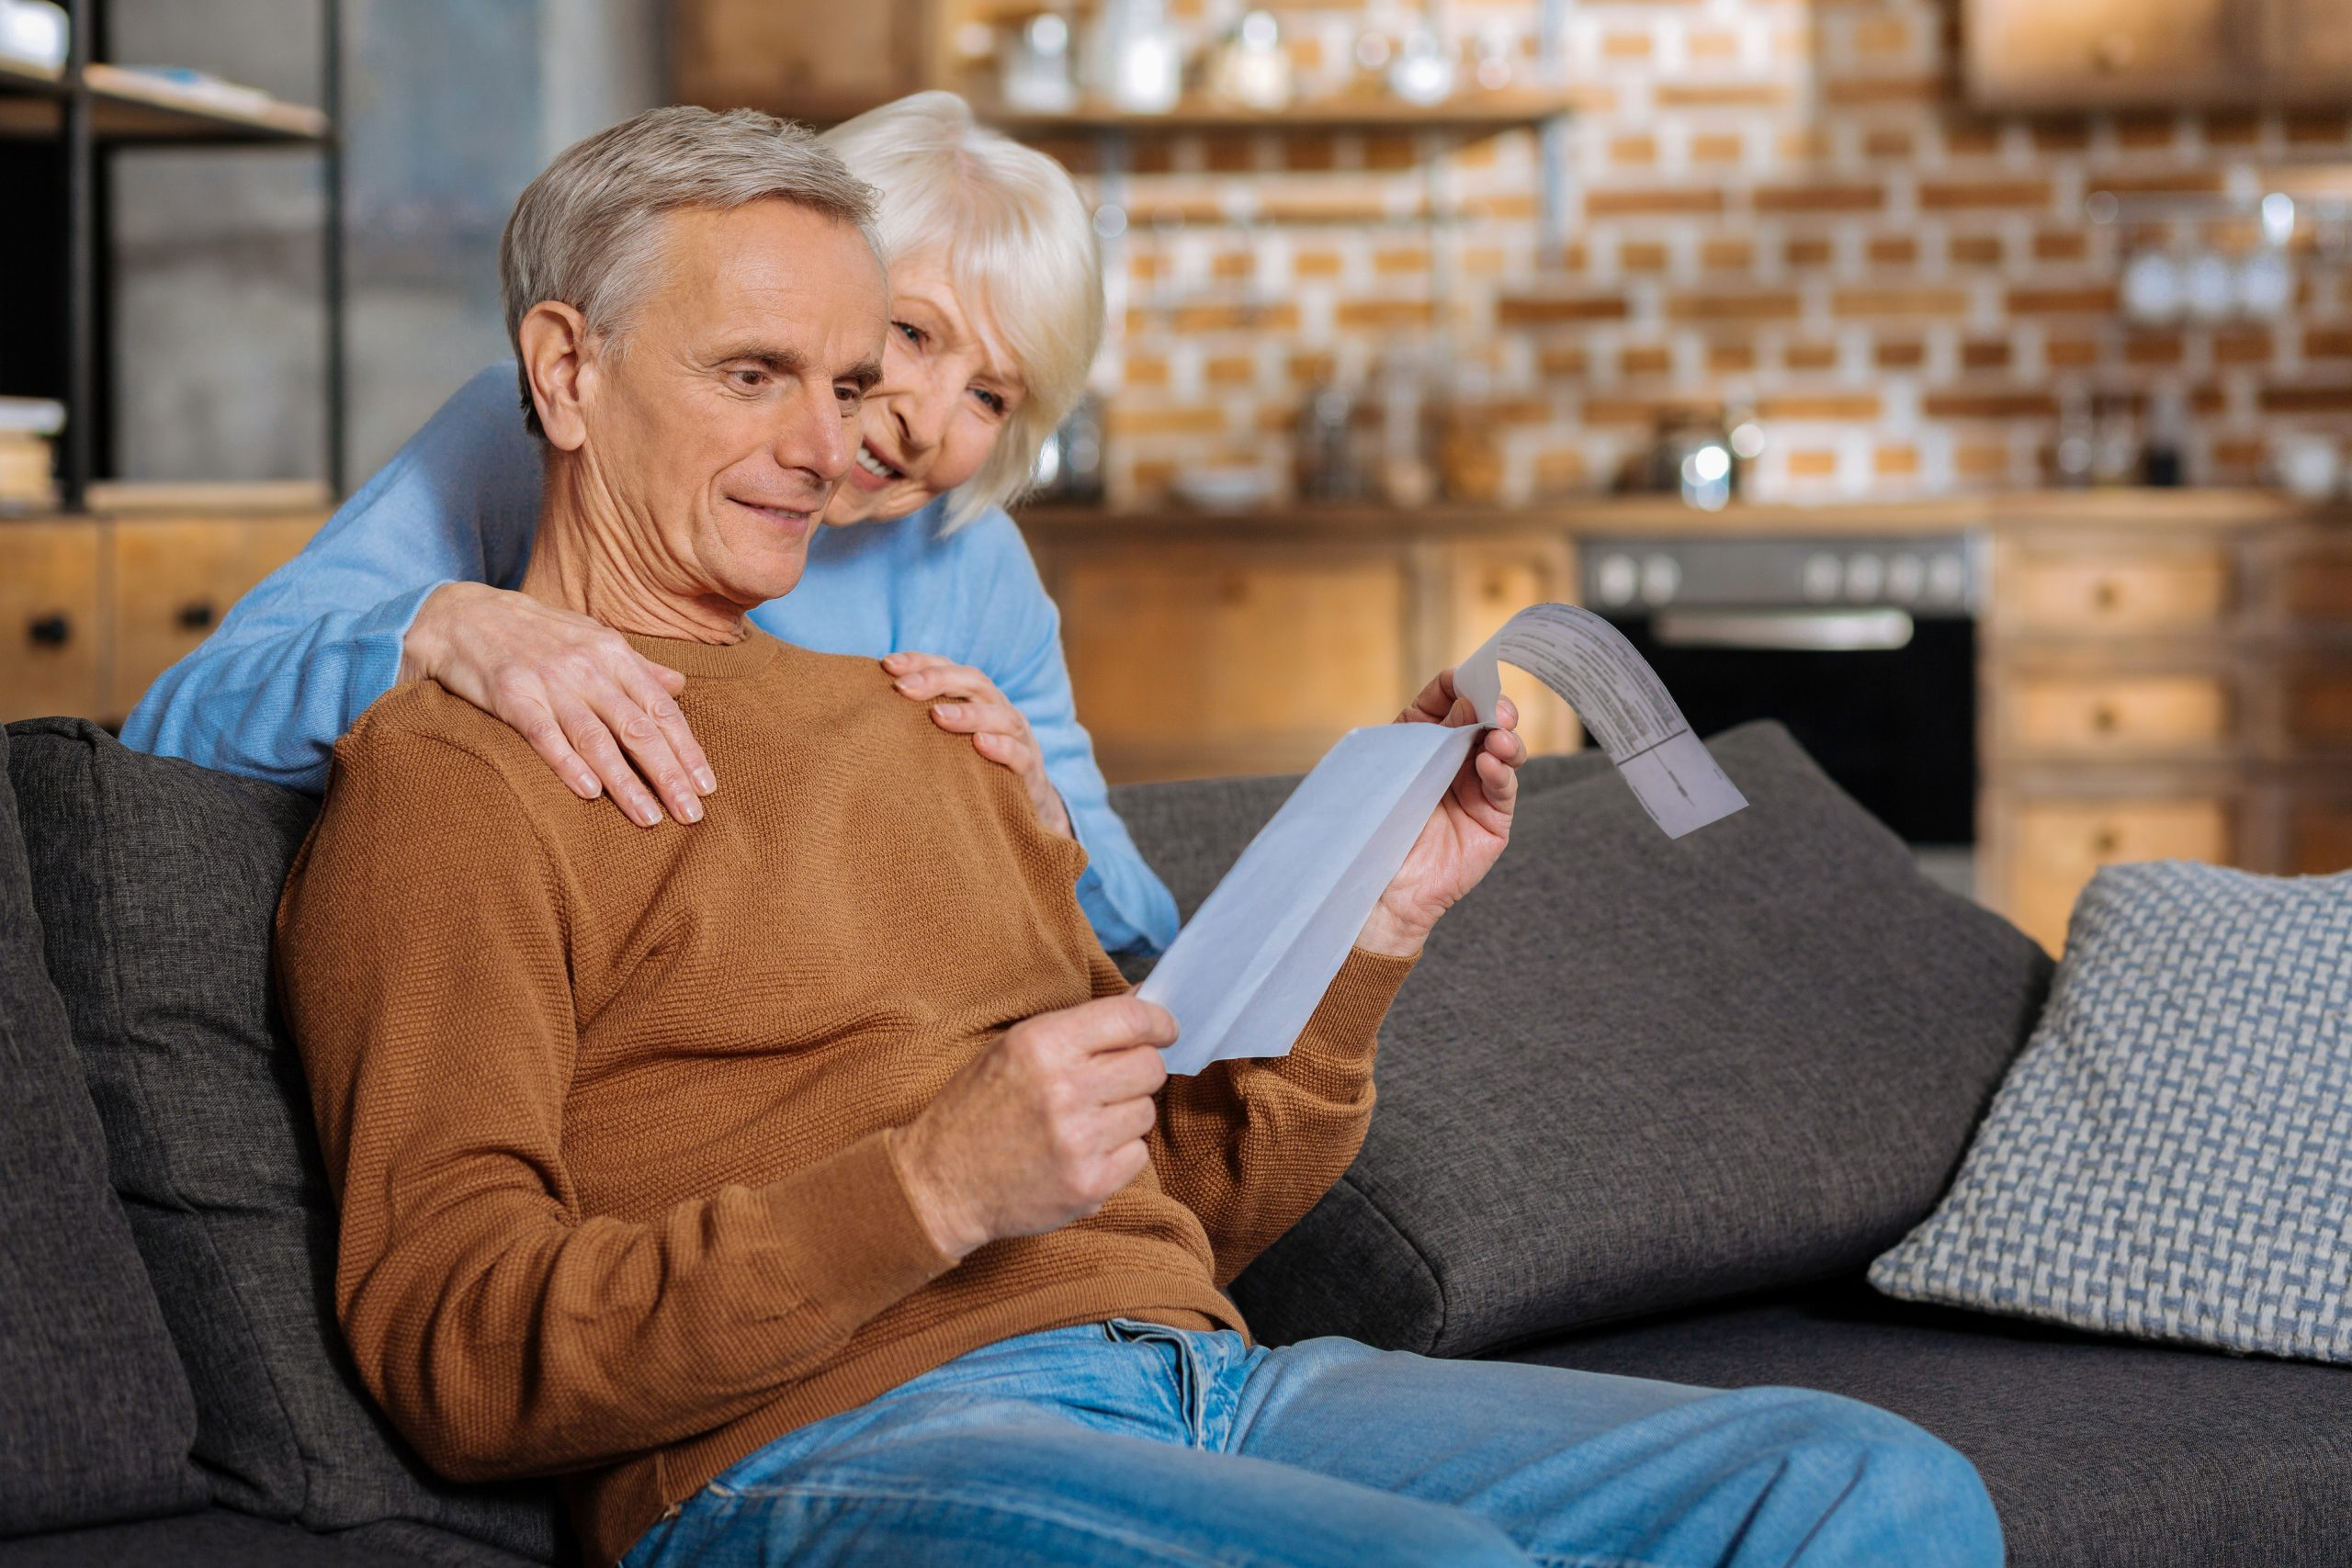 Immobilien auf Rentenbasis: Mehr Geld im Ruhestand